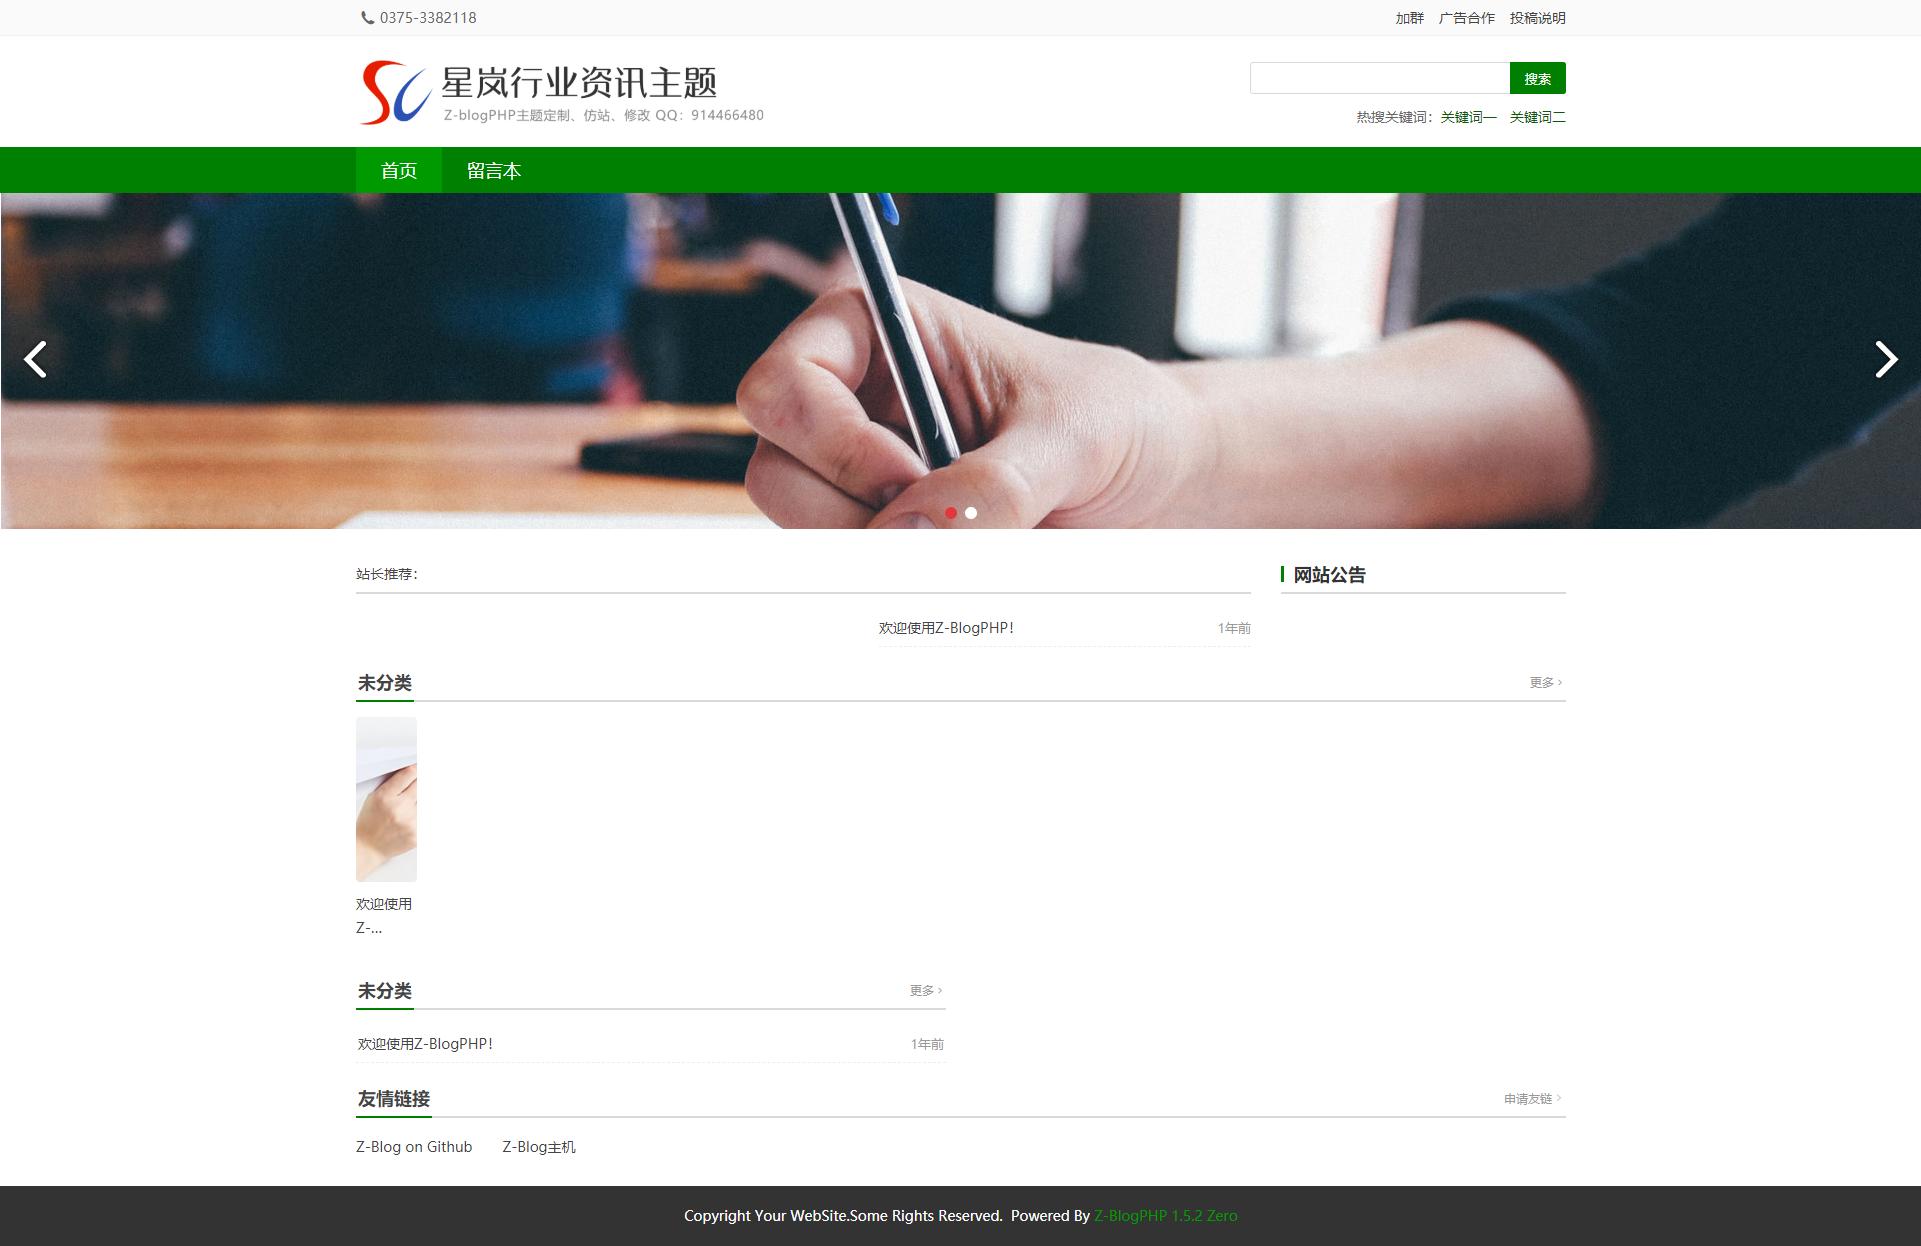 新增黑色和绿色两种主题样式 主题样式 企业官网|行业资讯类主题  第2张